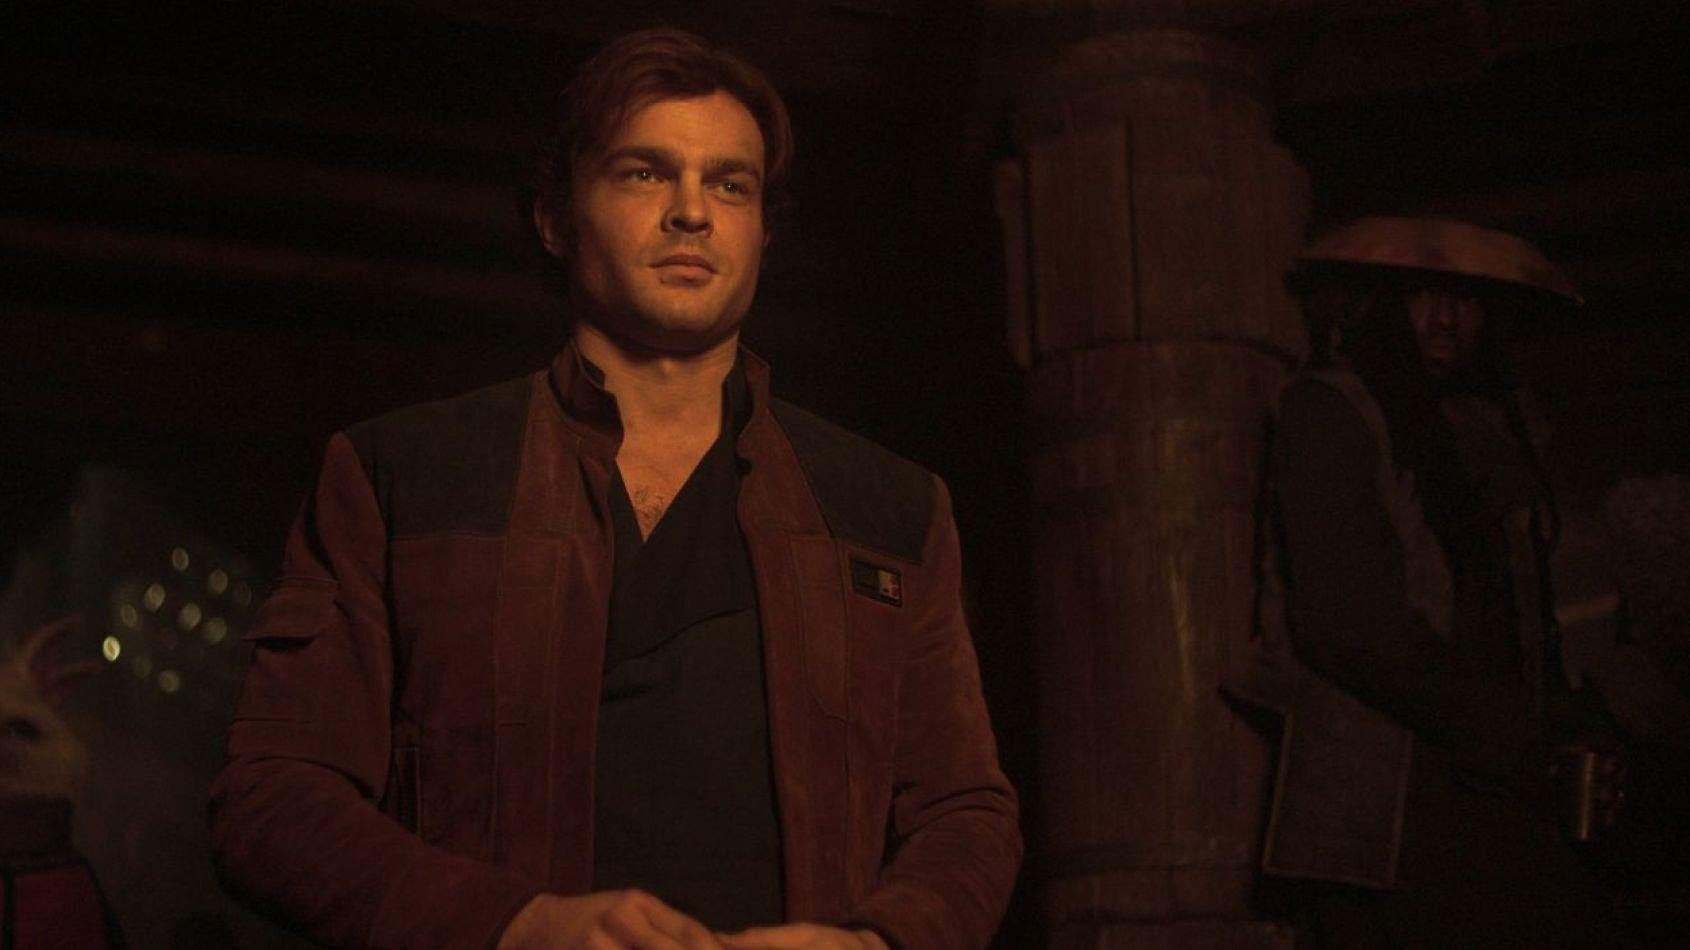 Une scène clé de Solo présentée en avant-première